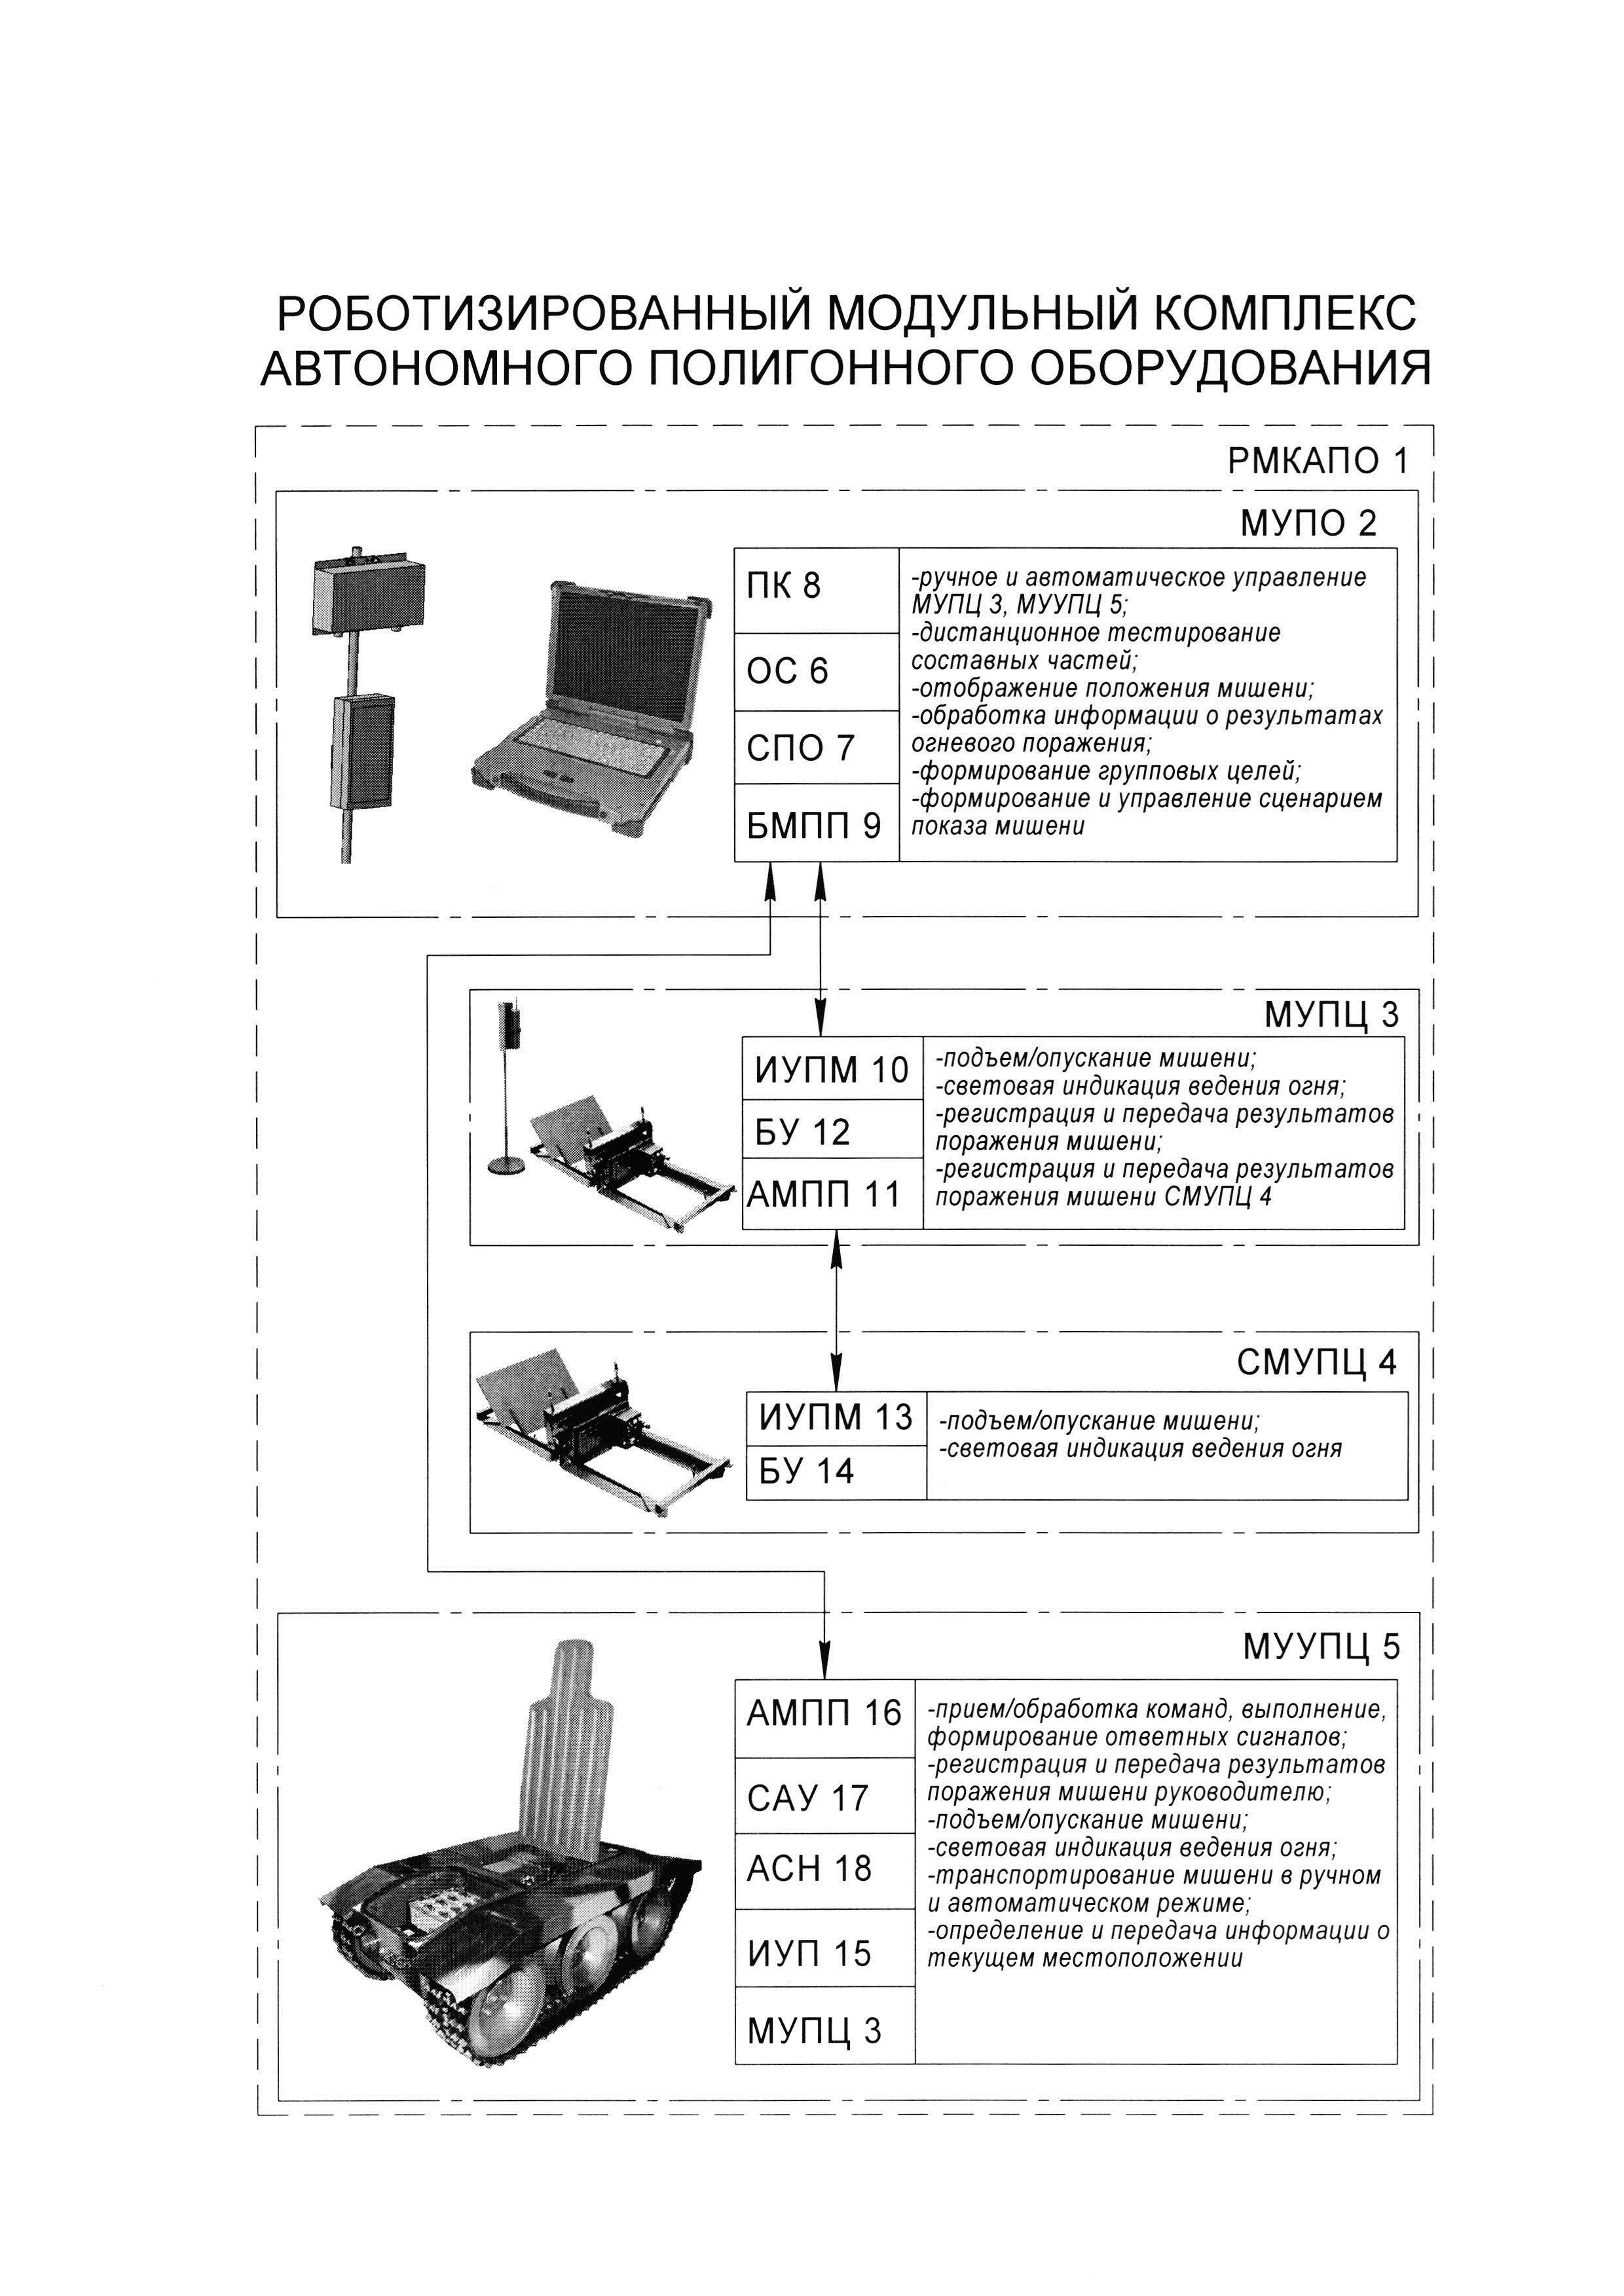 Роботизированный модульный комплекс автономного полигонного оборудования